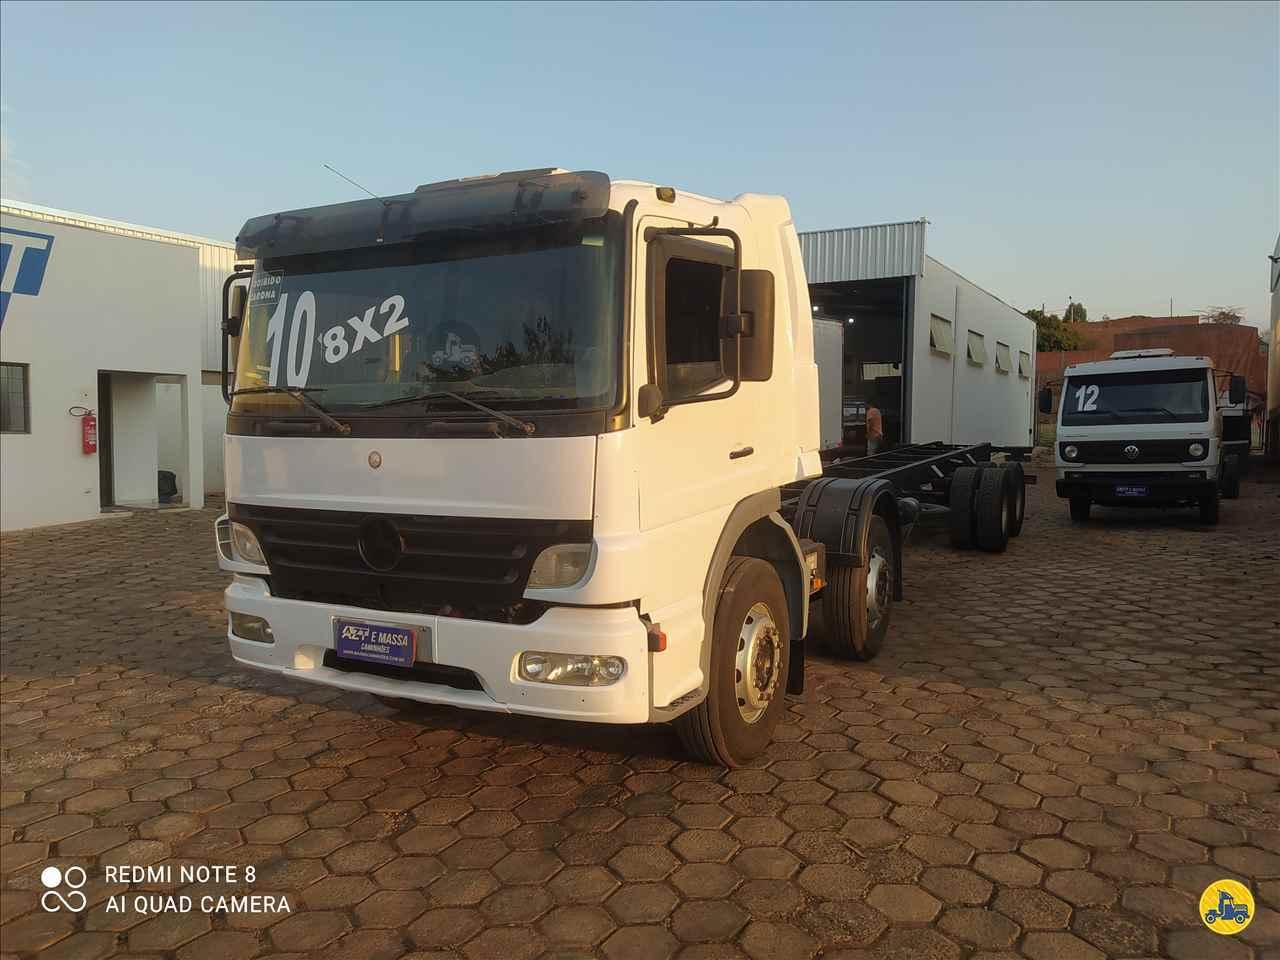 CAMINHAO MERCEDES-BENZ MB 2425 Chassis BiTruck 8x2 Massa Caminhões SAO MANUEL SÃO PAULO SP